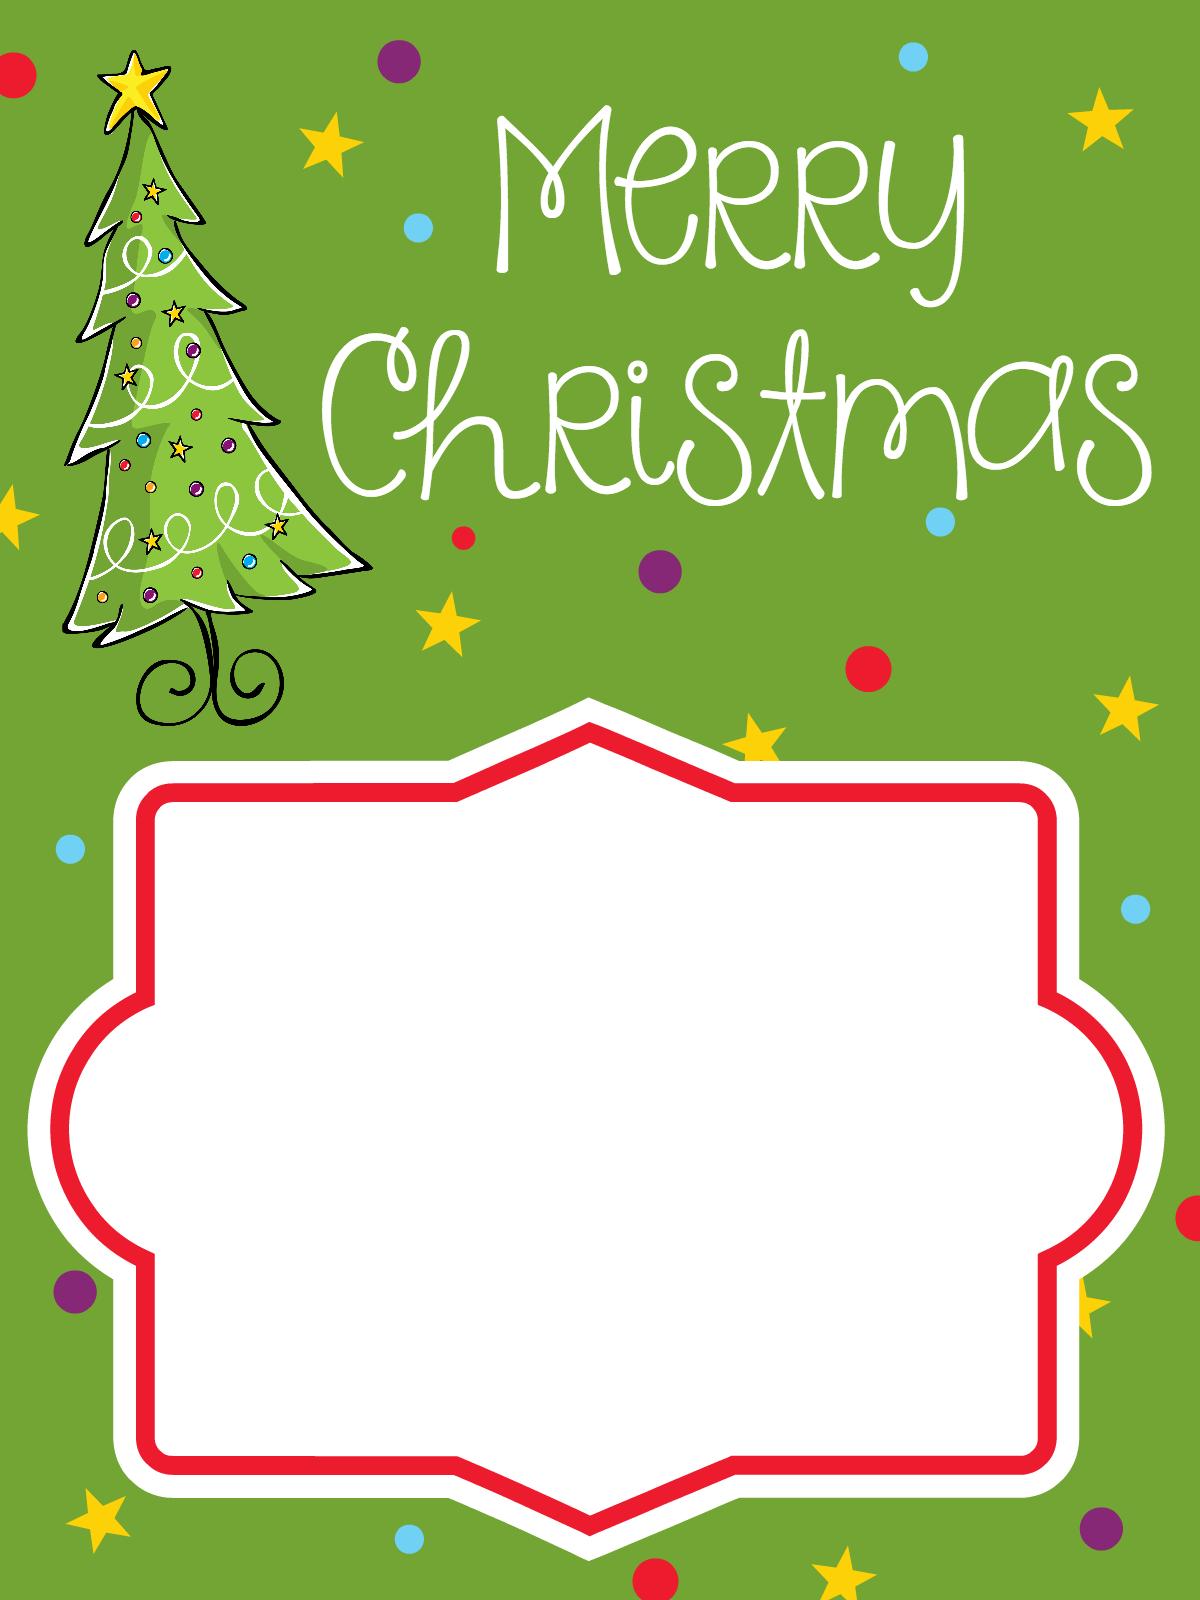 Printable Christmas Gift Card Holders Fun Squared Printable Christmas Gift Card Christmas Gift Card Holders Christmas Gift Certificate Template